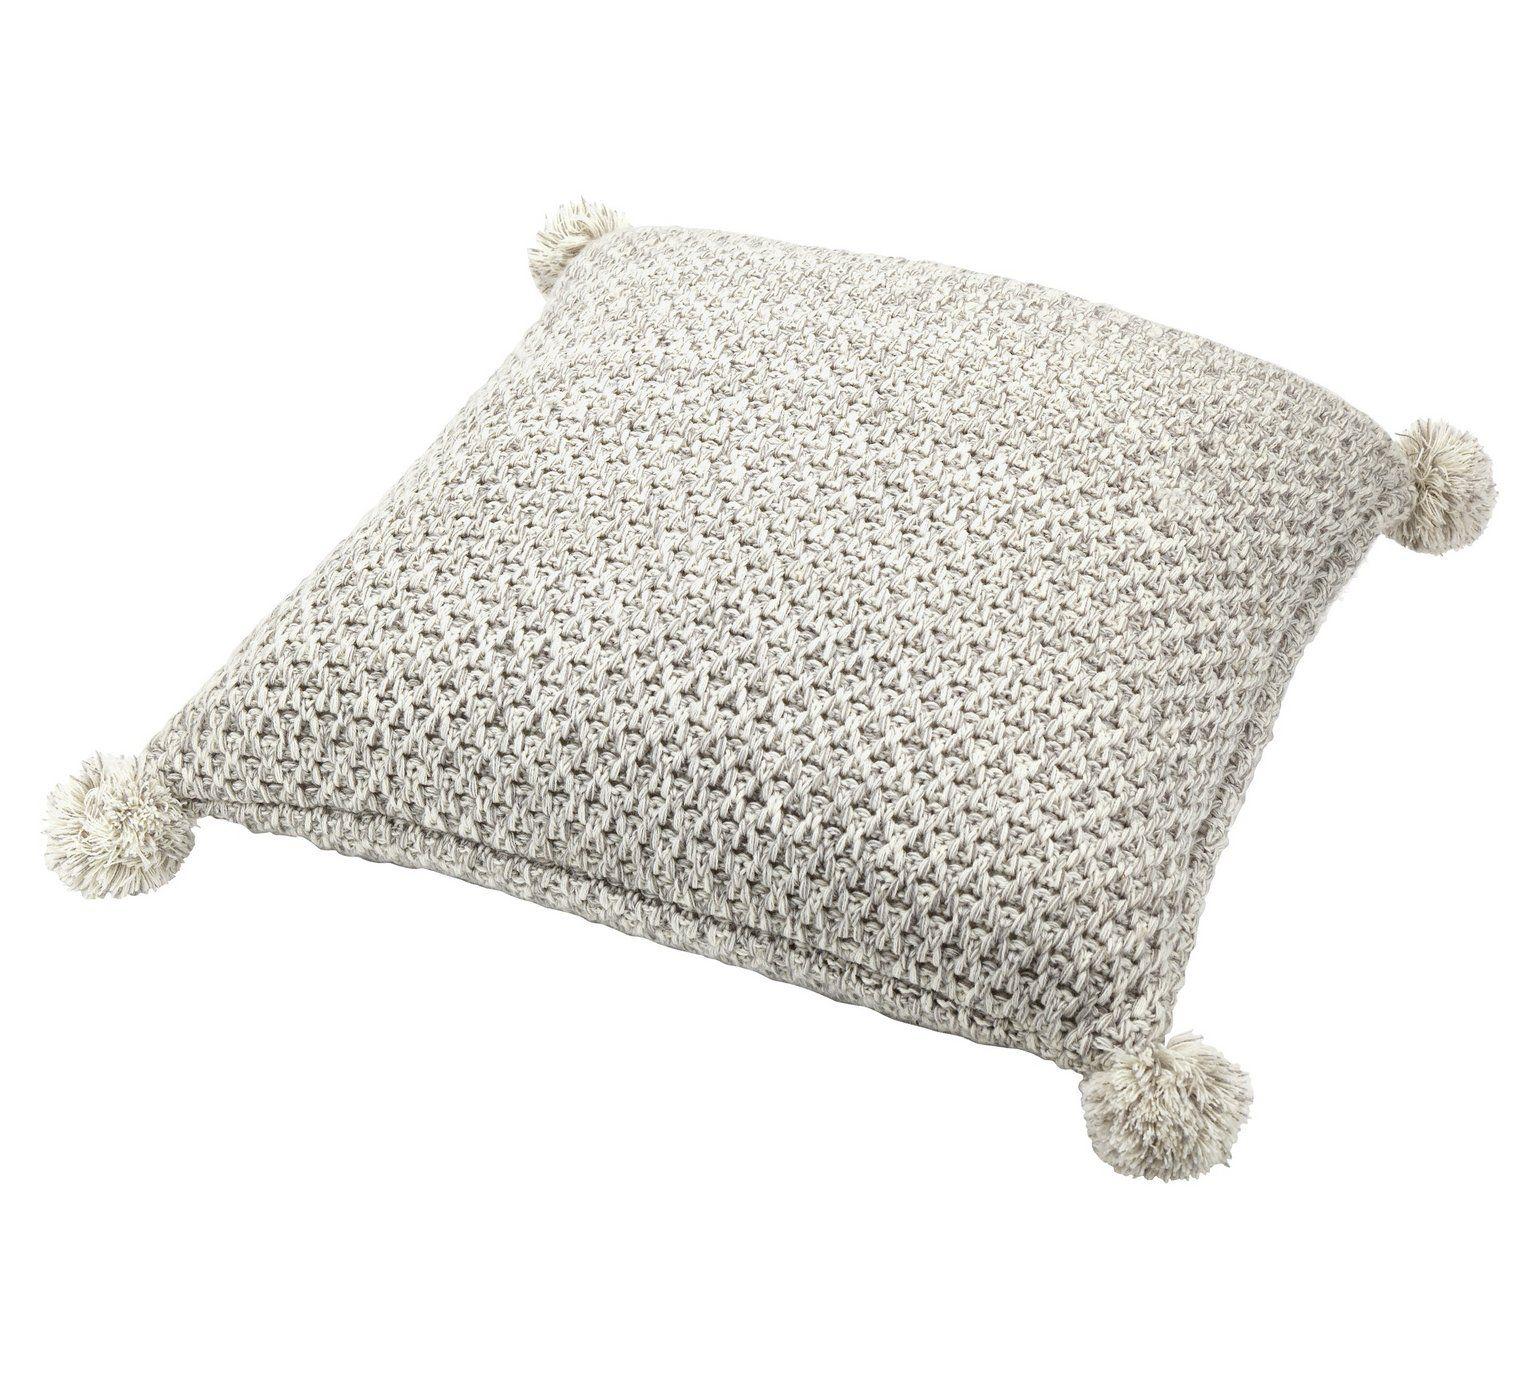 Buy Sainsburys Home Pom Pom Cushion  Grey At Argoscouk,